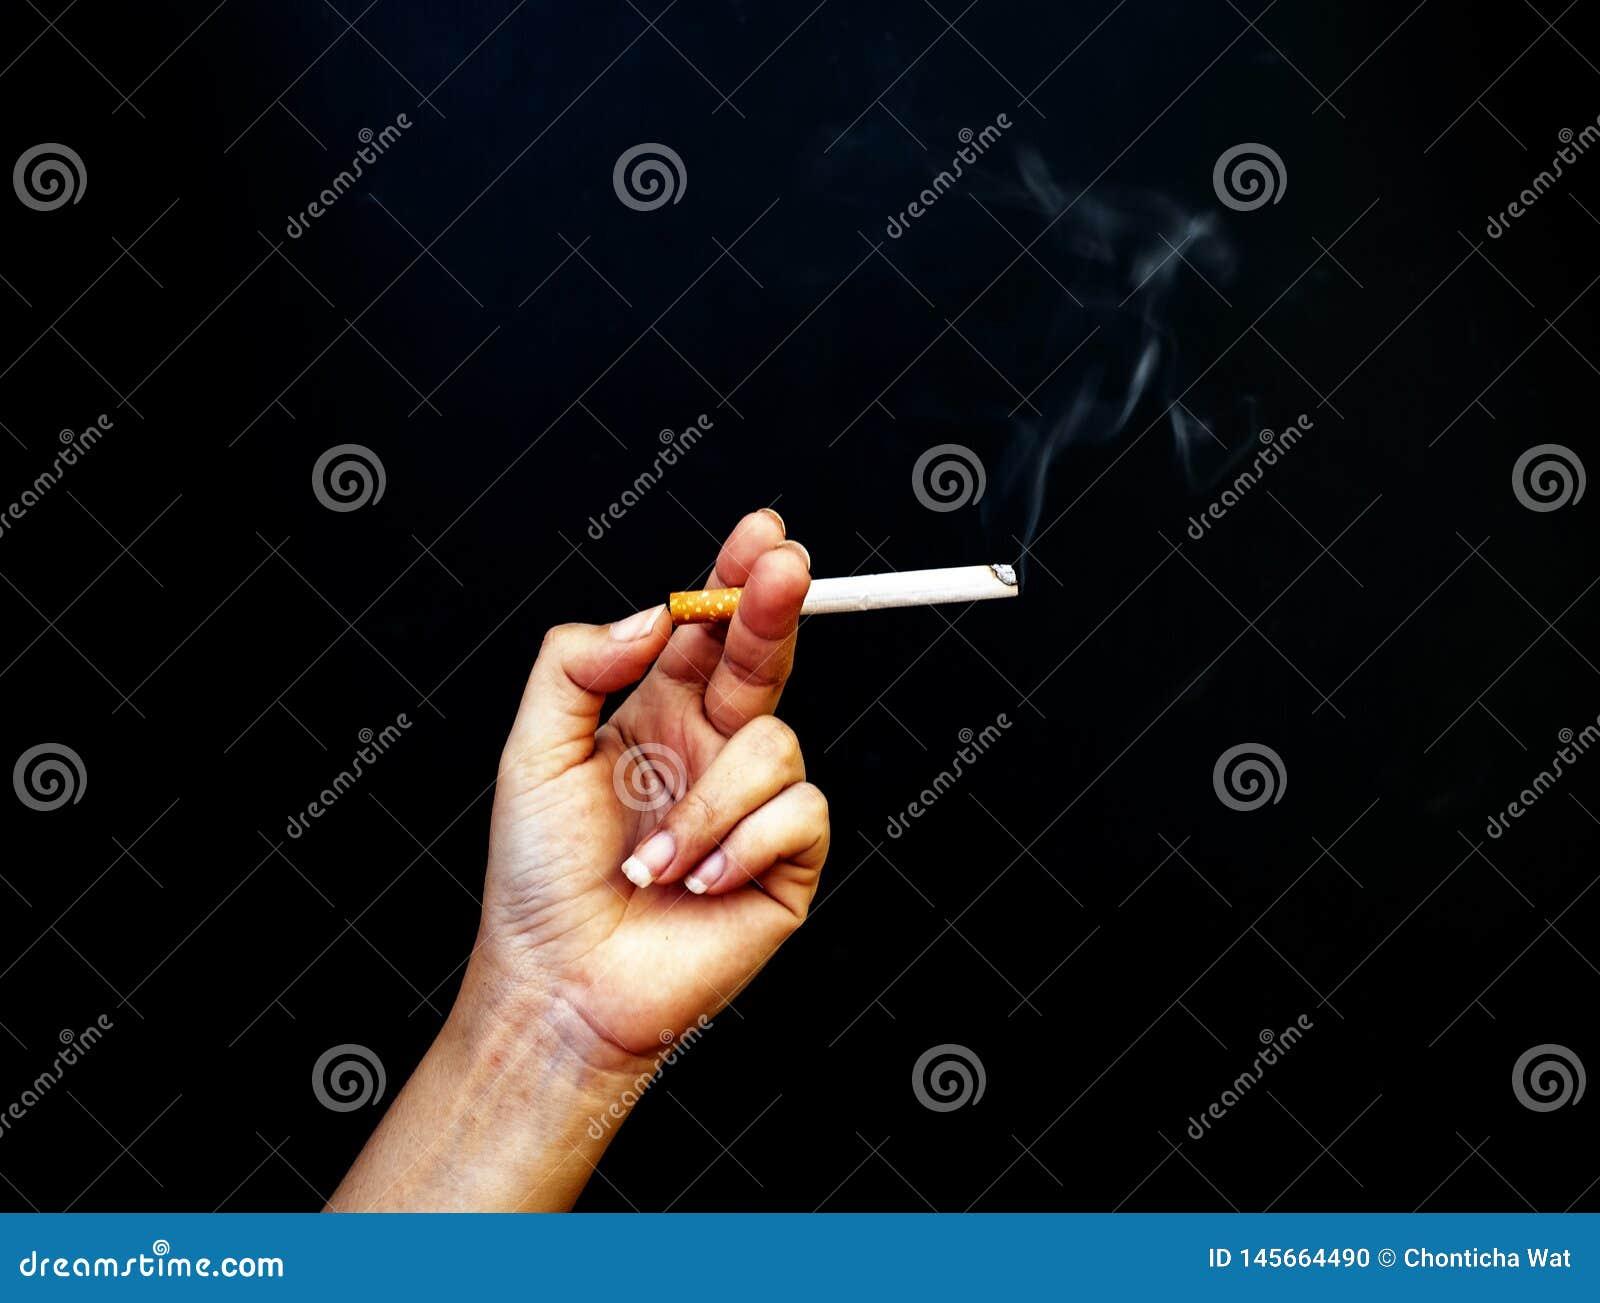 Η εικόνα του τσιγάρου υπό εξέταση, σταματά την έννοια, κόσμος καμία ημέρα καπνών, το κάπνισμα δεν σας βλάπτει μόνο αυτό βλάπτει ε